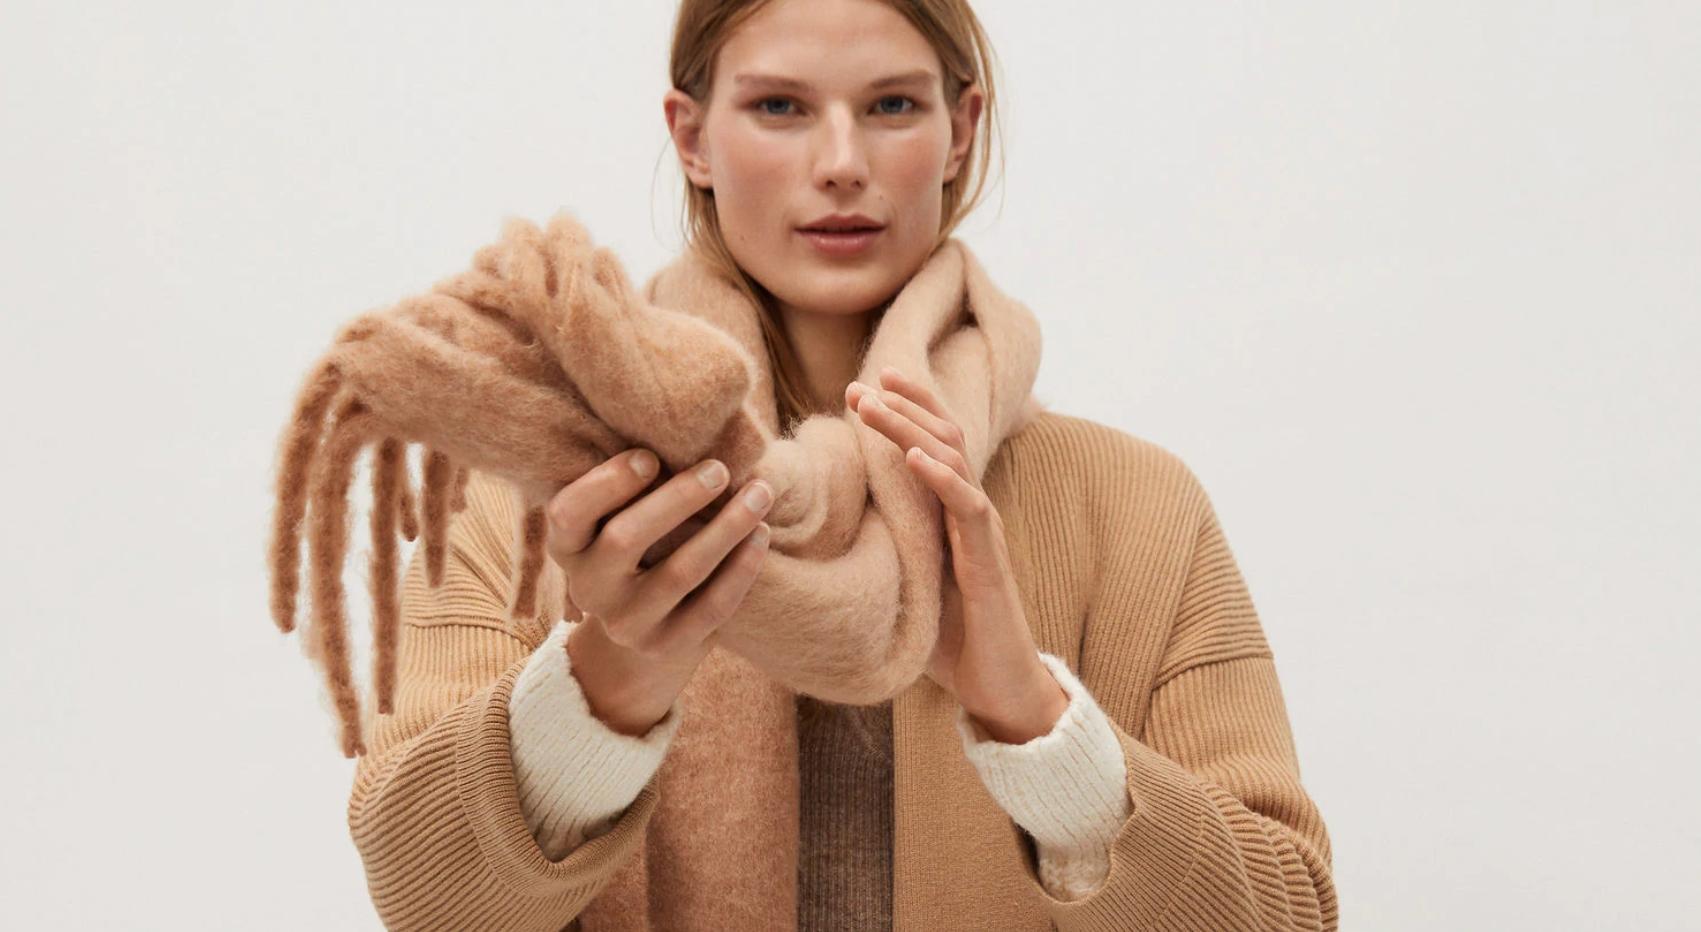 Тренды осеннего гардероба, о которых знают стильные девушки